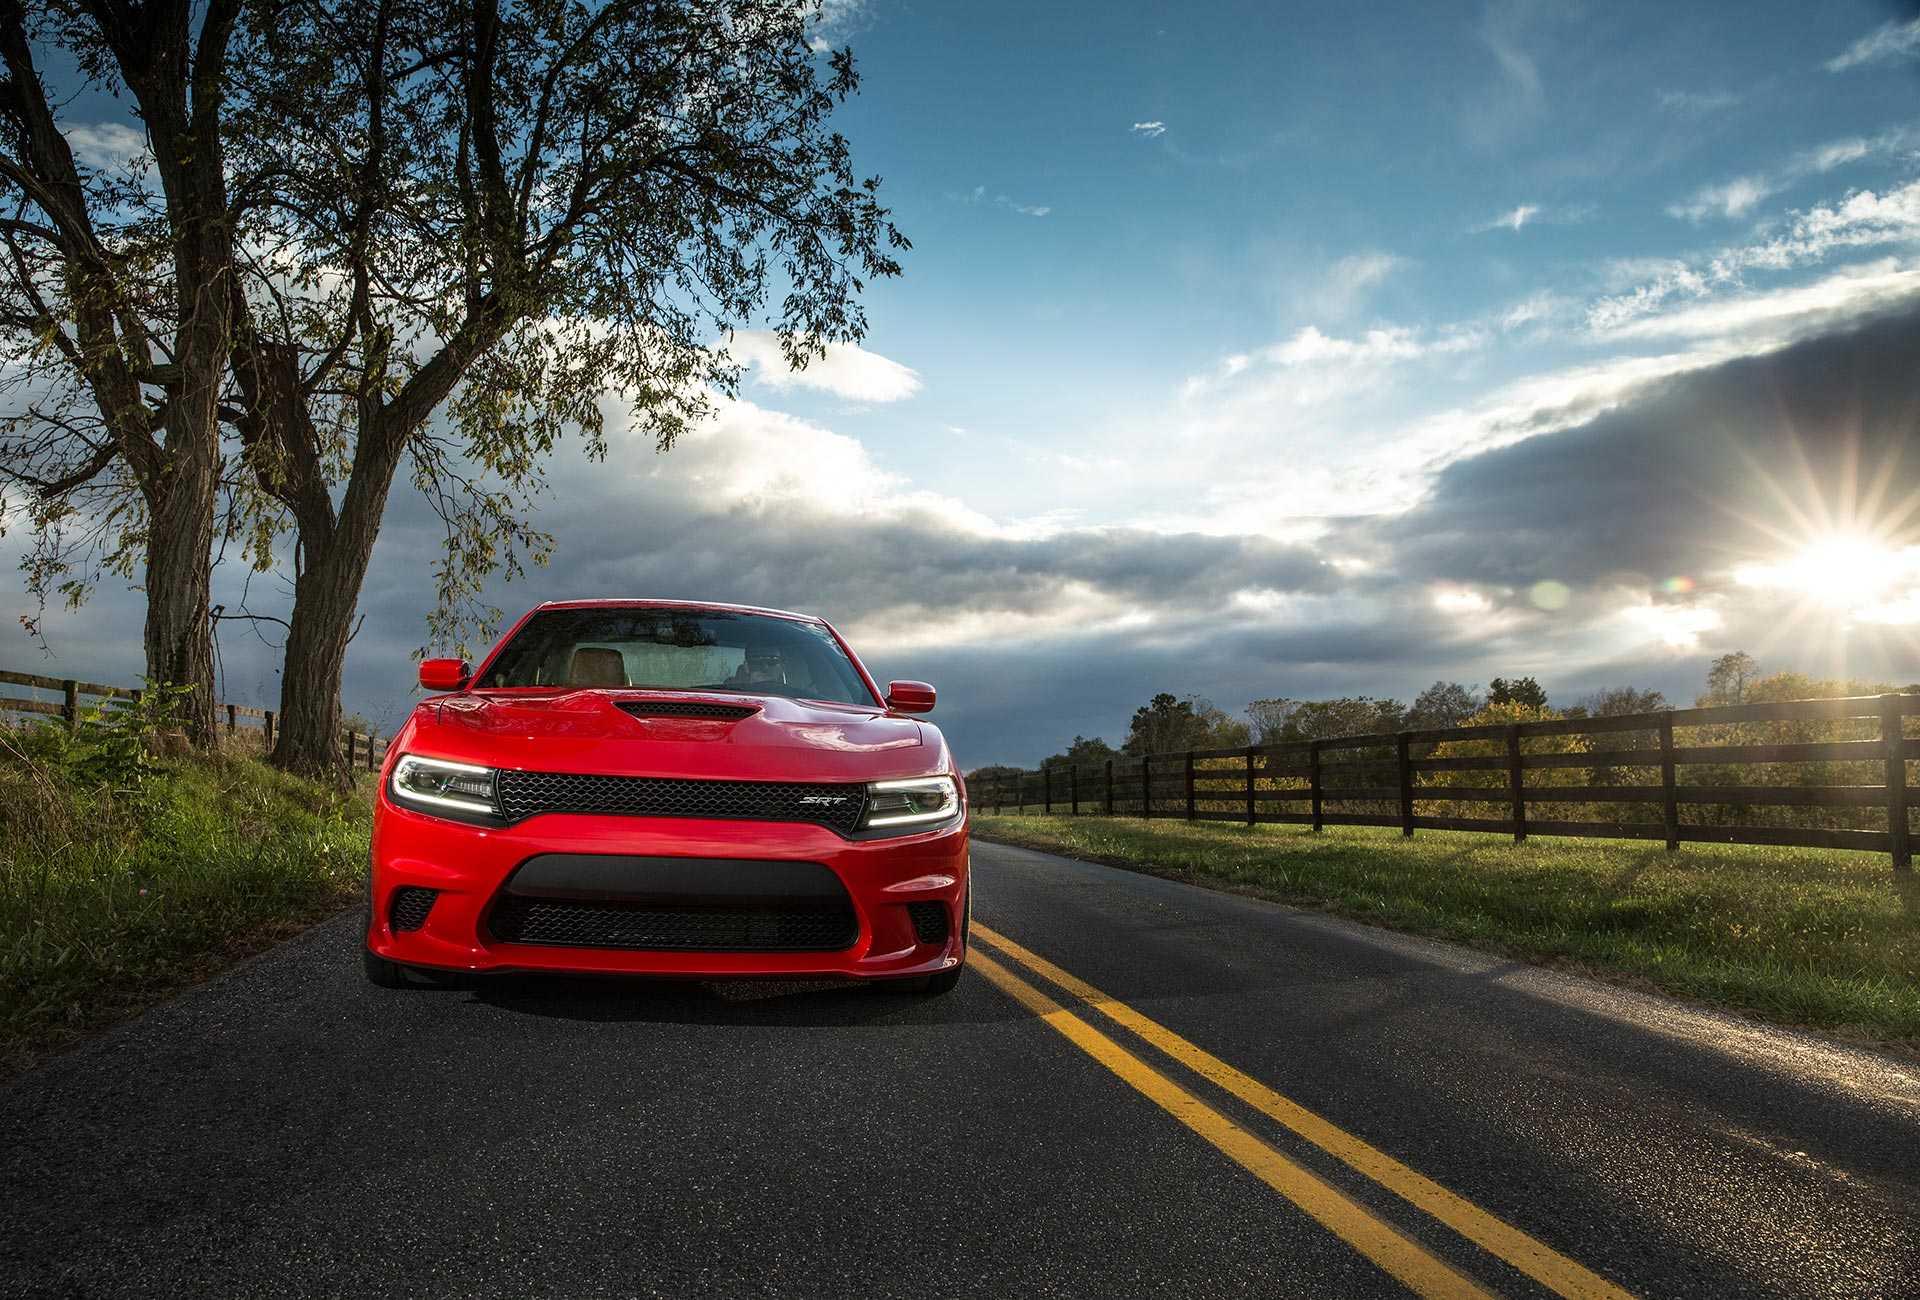 Dodge Charger Lease Deals NJ